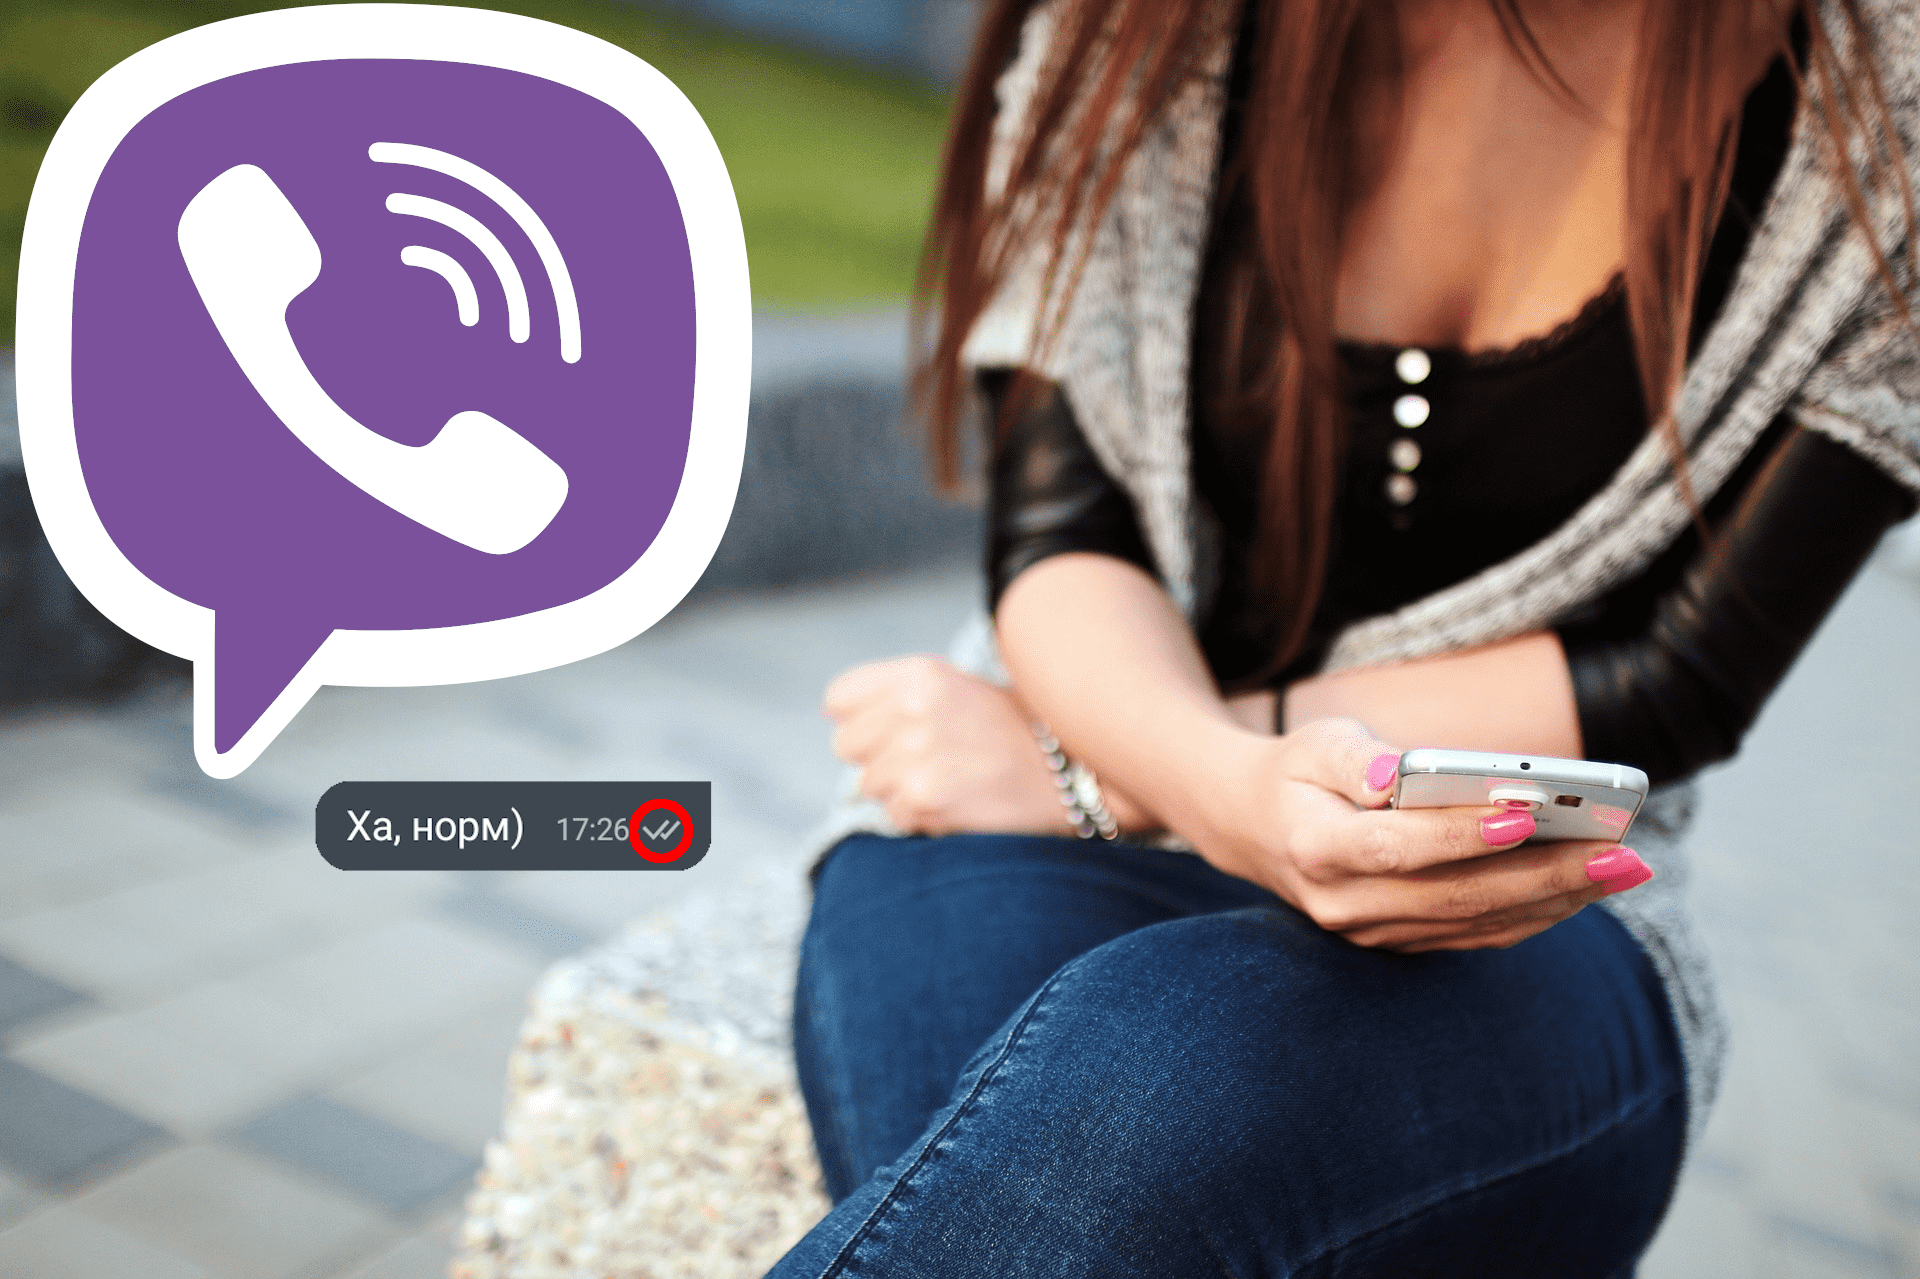 Простая настройка Viber, которая позволяет скрыть от собеседников, что вы прочитали сообщение